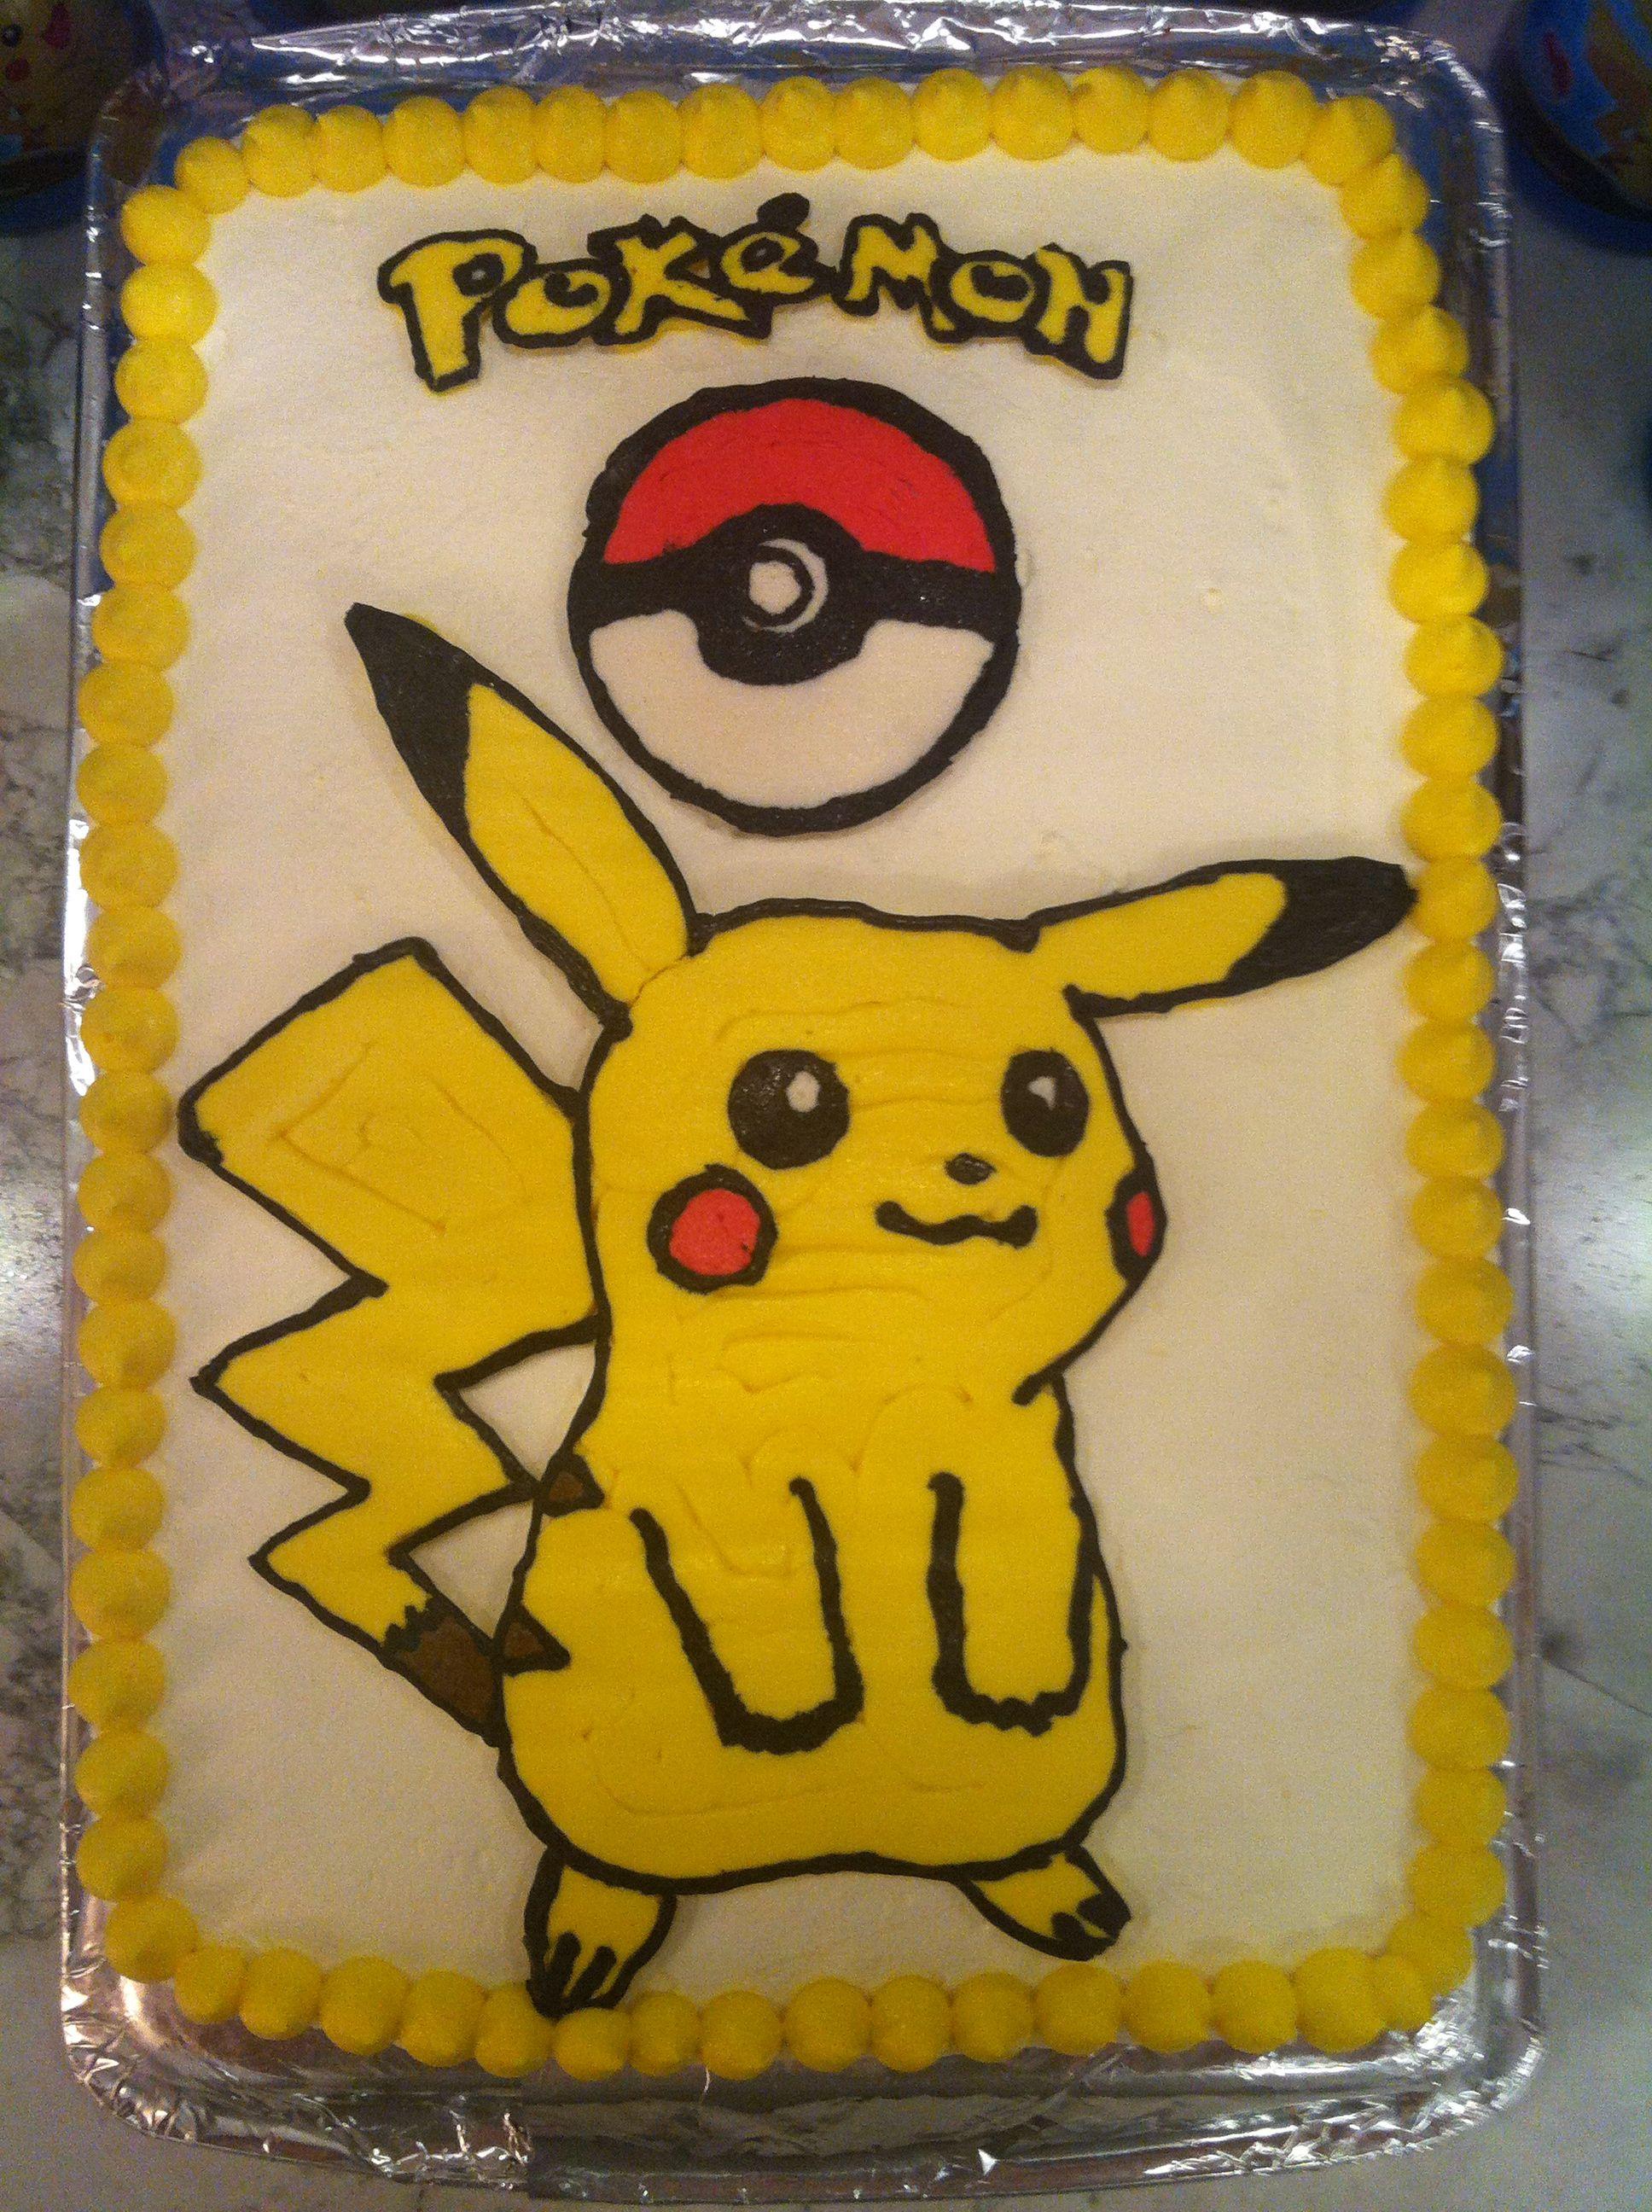 Cake Decorating Frozen Buttercream Transfer : Frozen buttercream transfer pikachu cake everything..lol ...